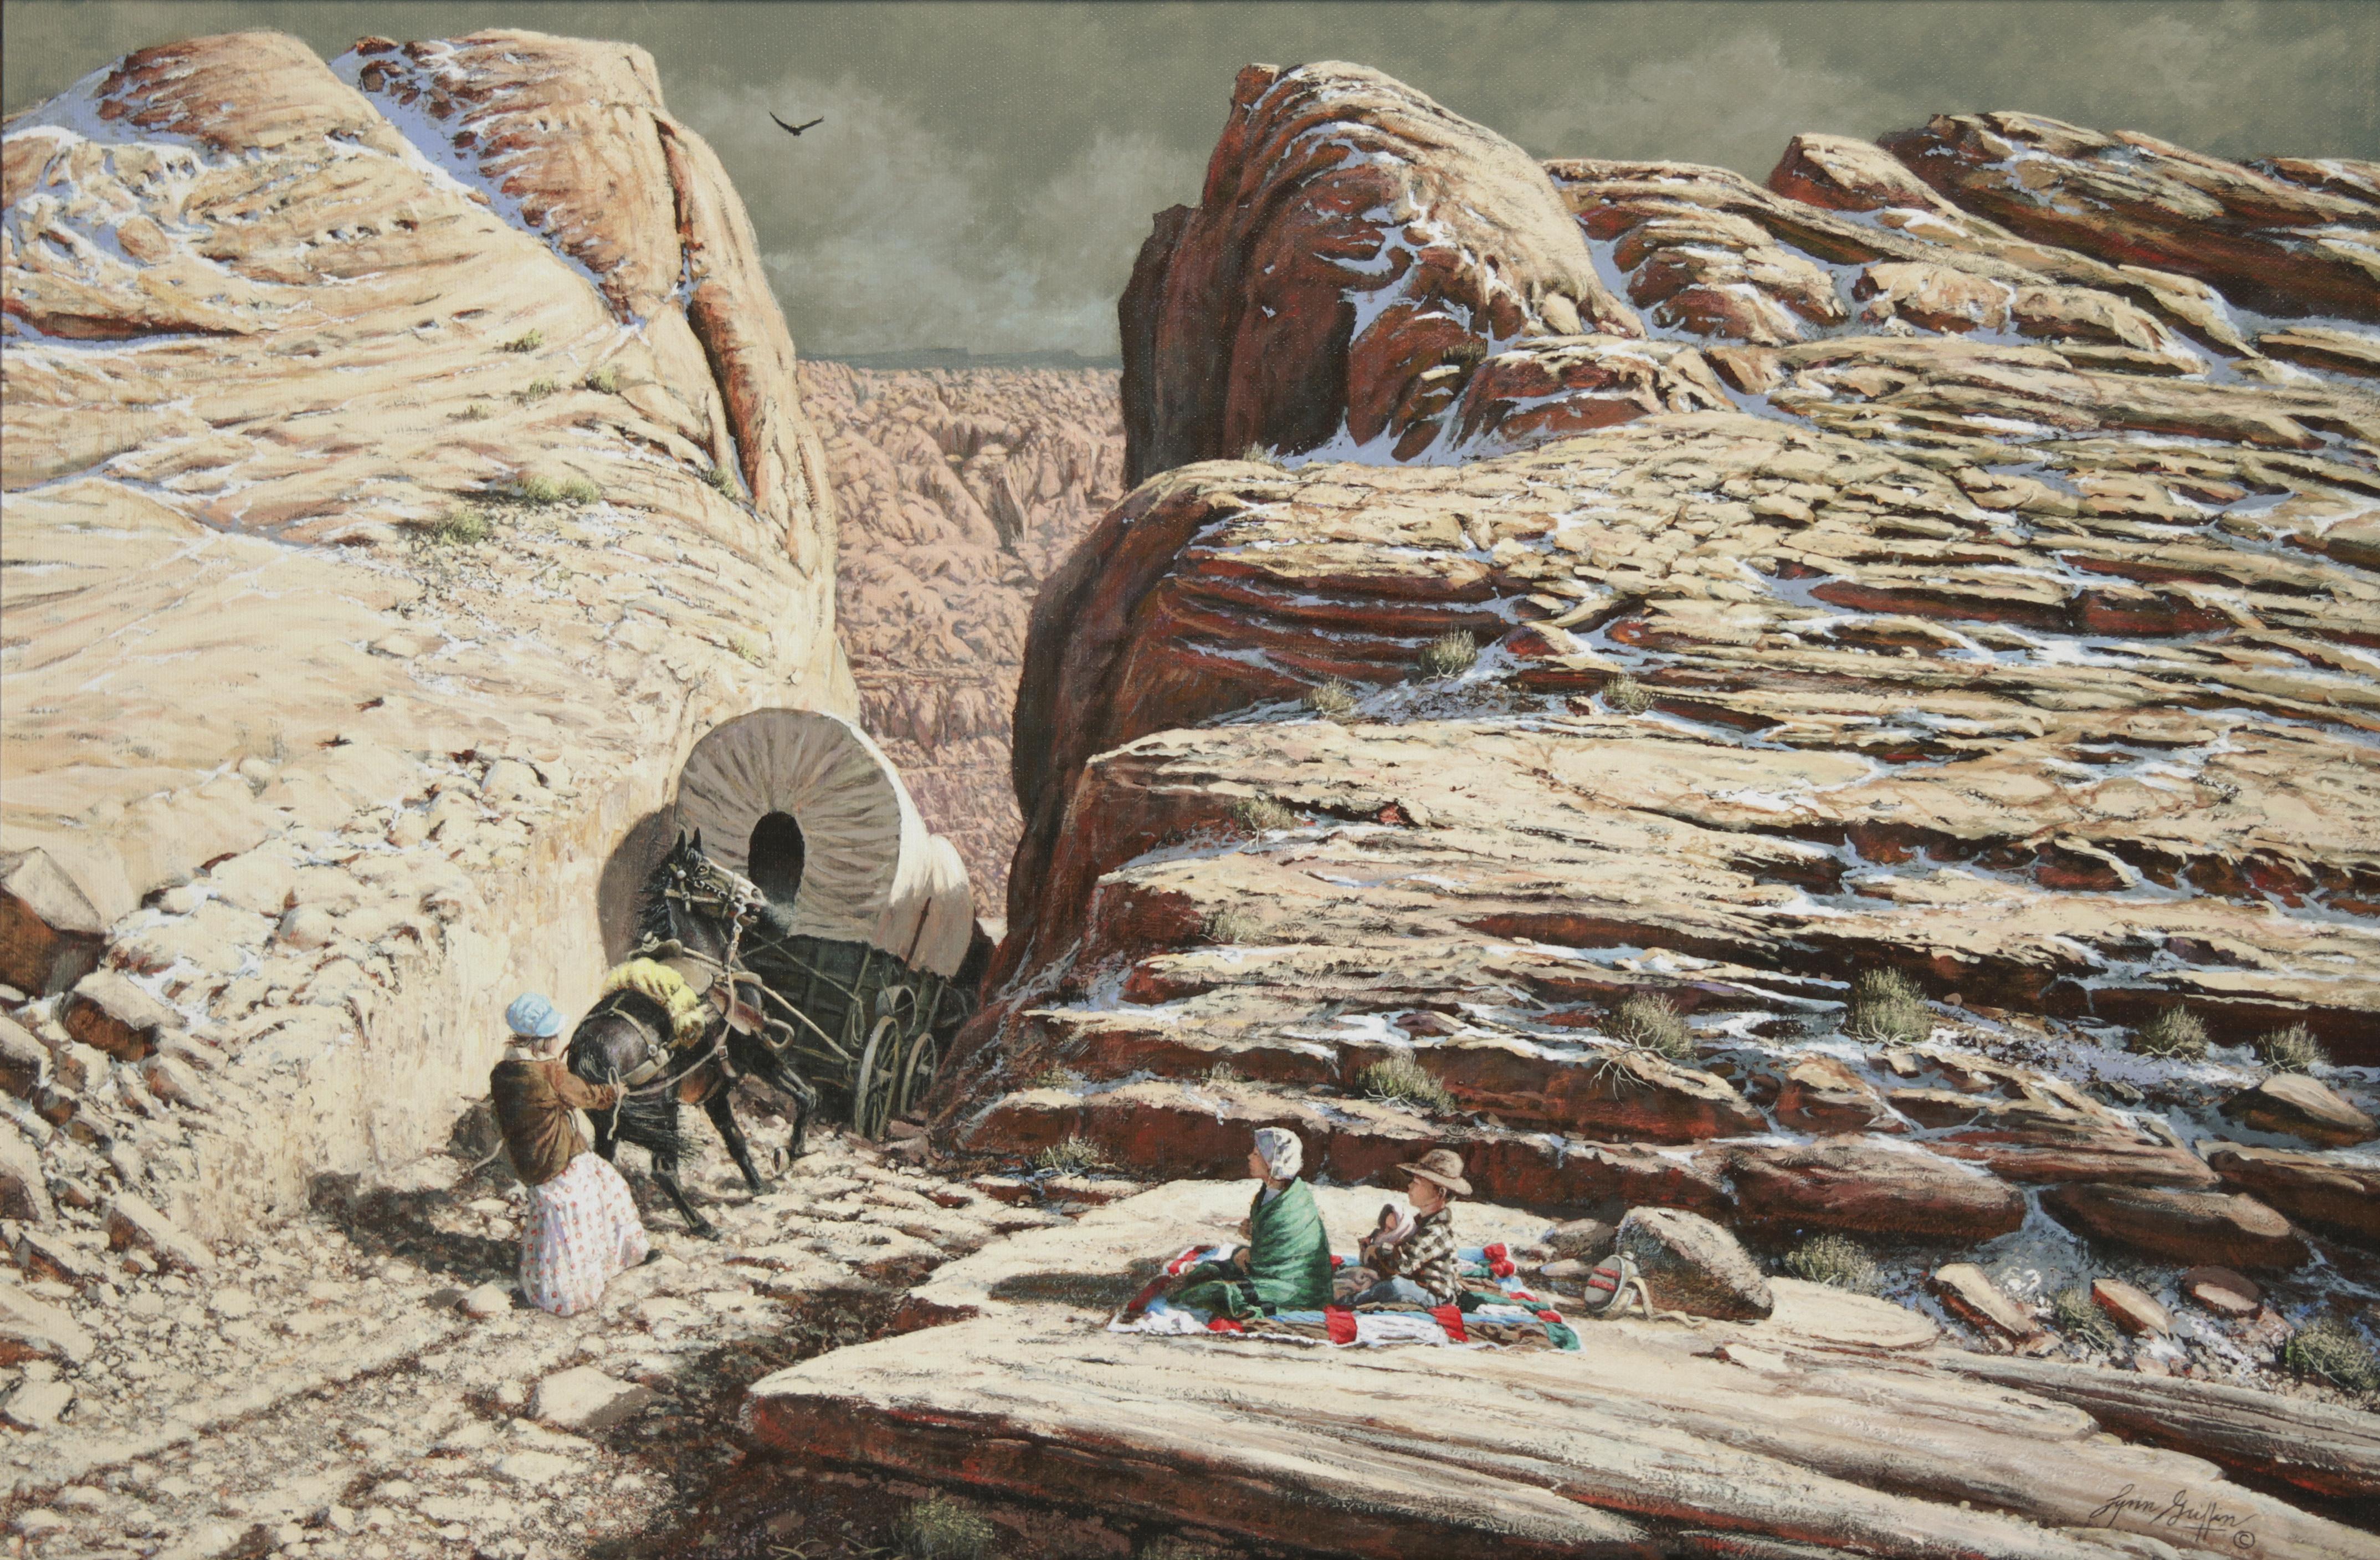 The Last Wagon, by Lynn Griffin